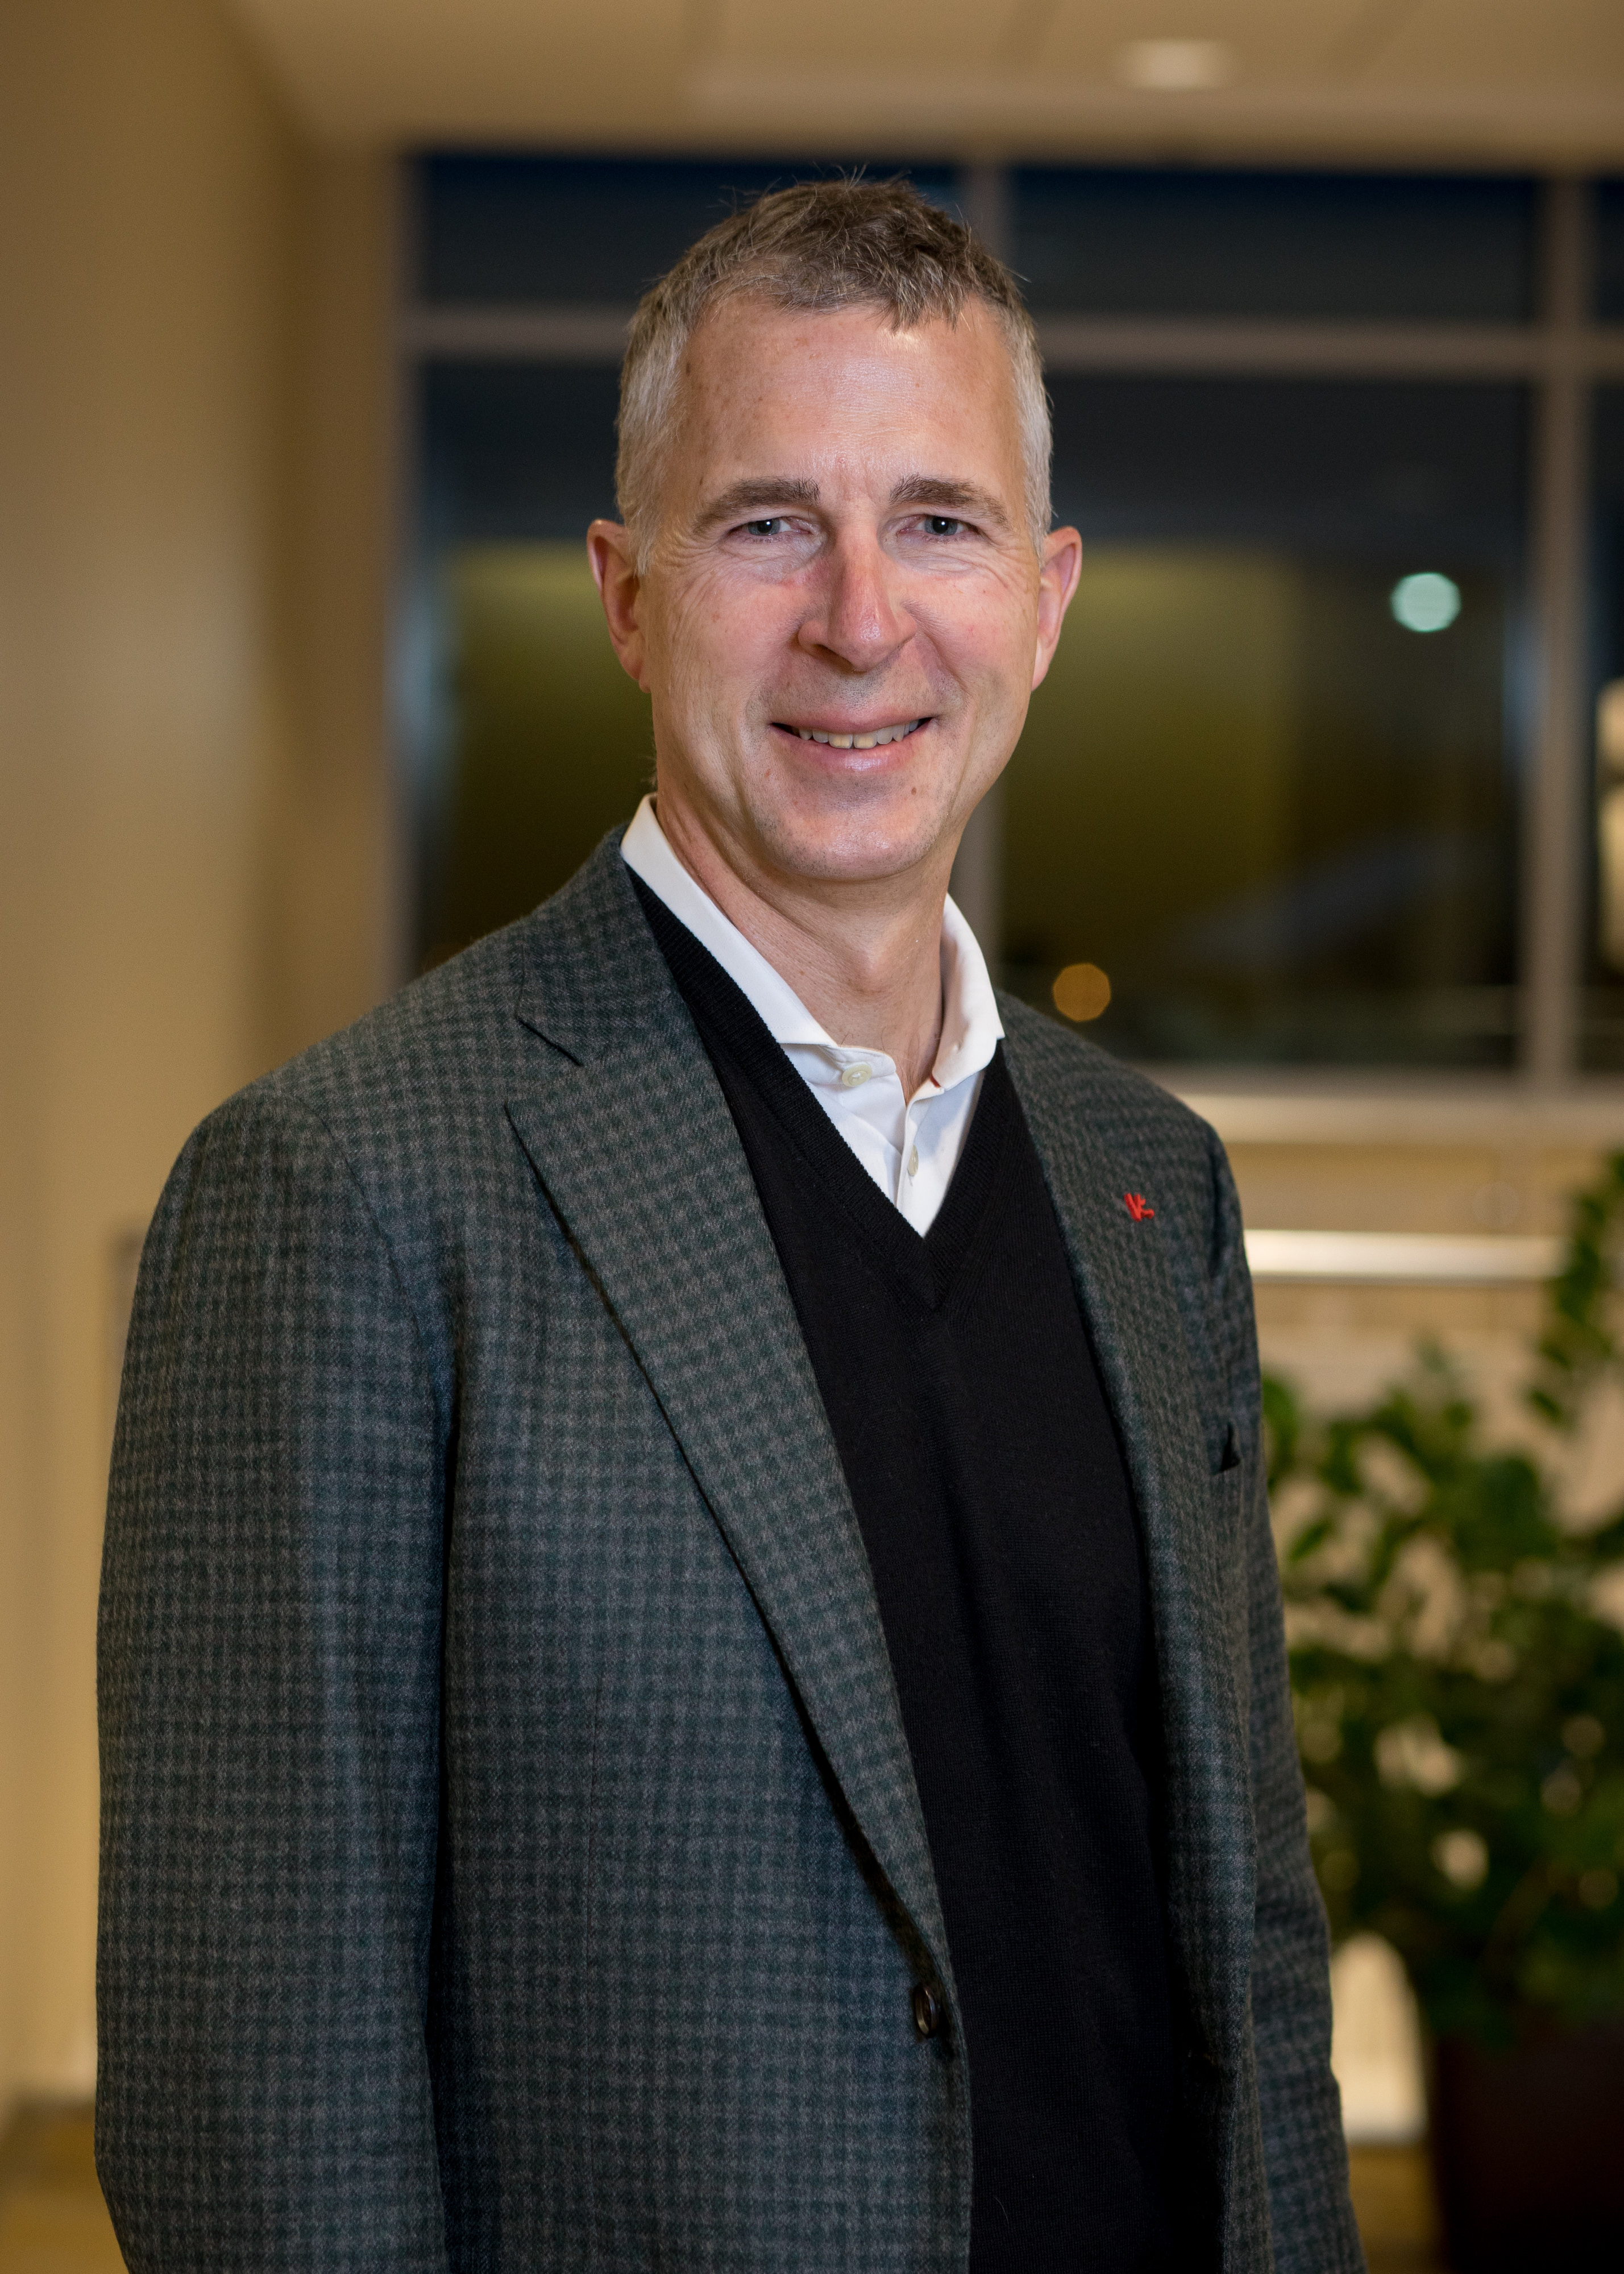 Robert M  Roach, M D  | Metropolitan Neurosurgery